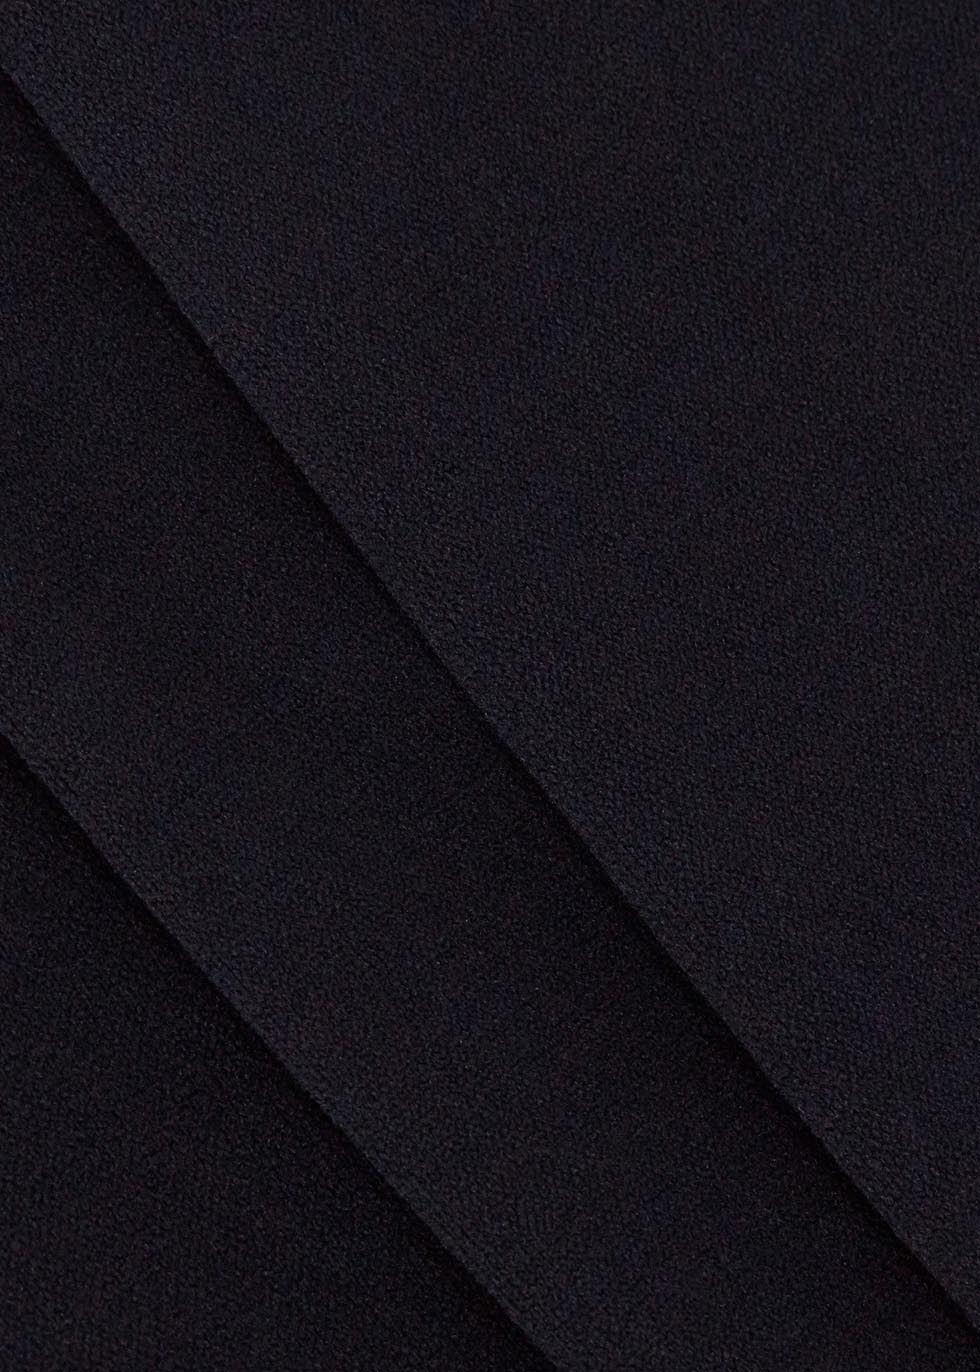 Velvet De Luxe navy 66 denier tights - Wolford